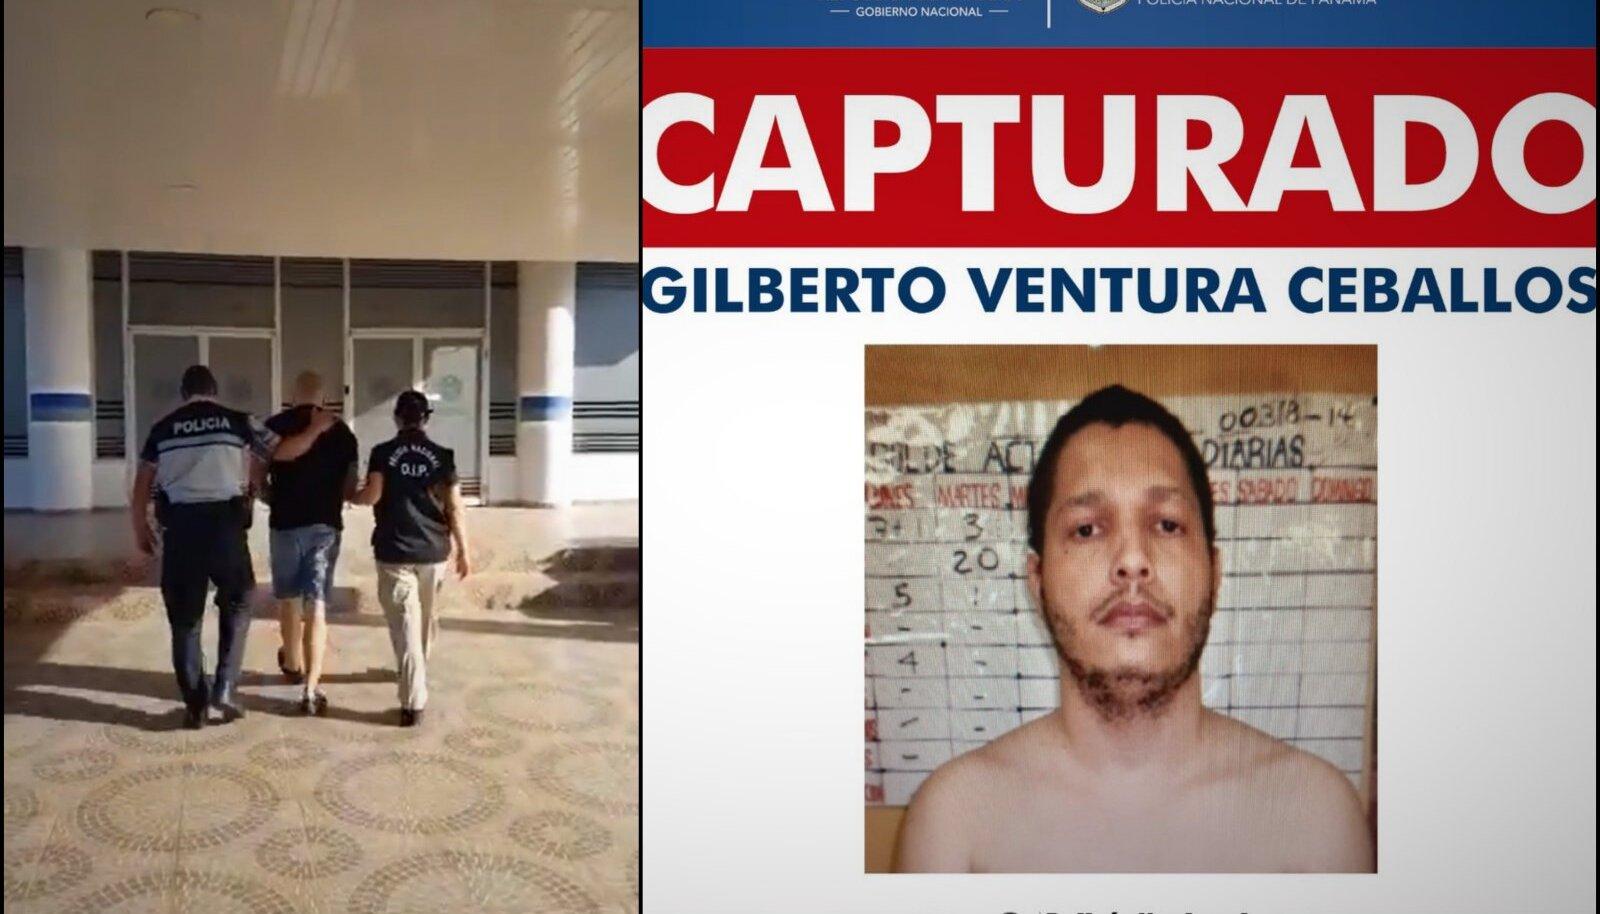 EI VEDANUD: Vasakul tabatud eestlane, paremal Gilbert Ventura Ceballose tagaotsimisteade.